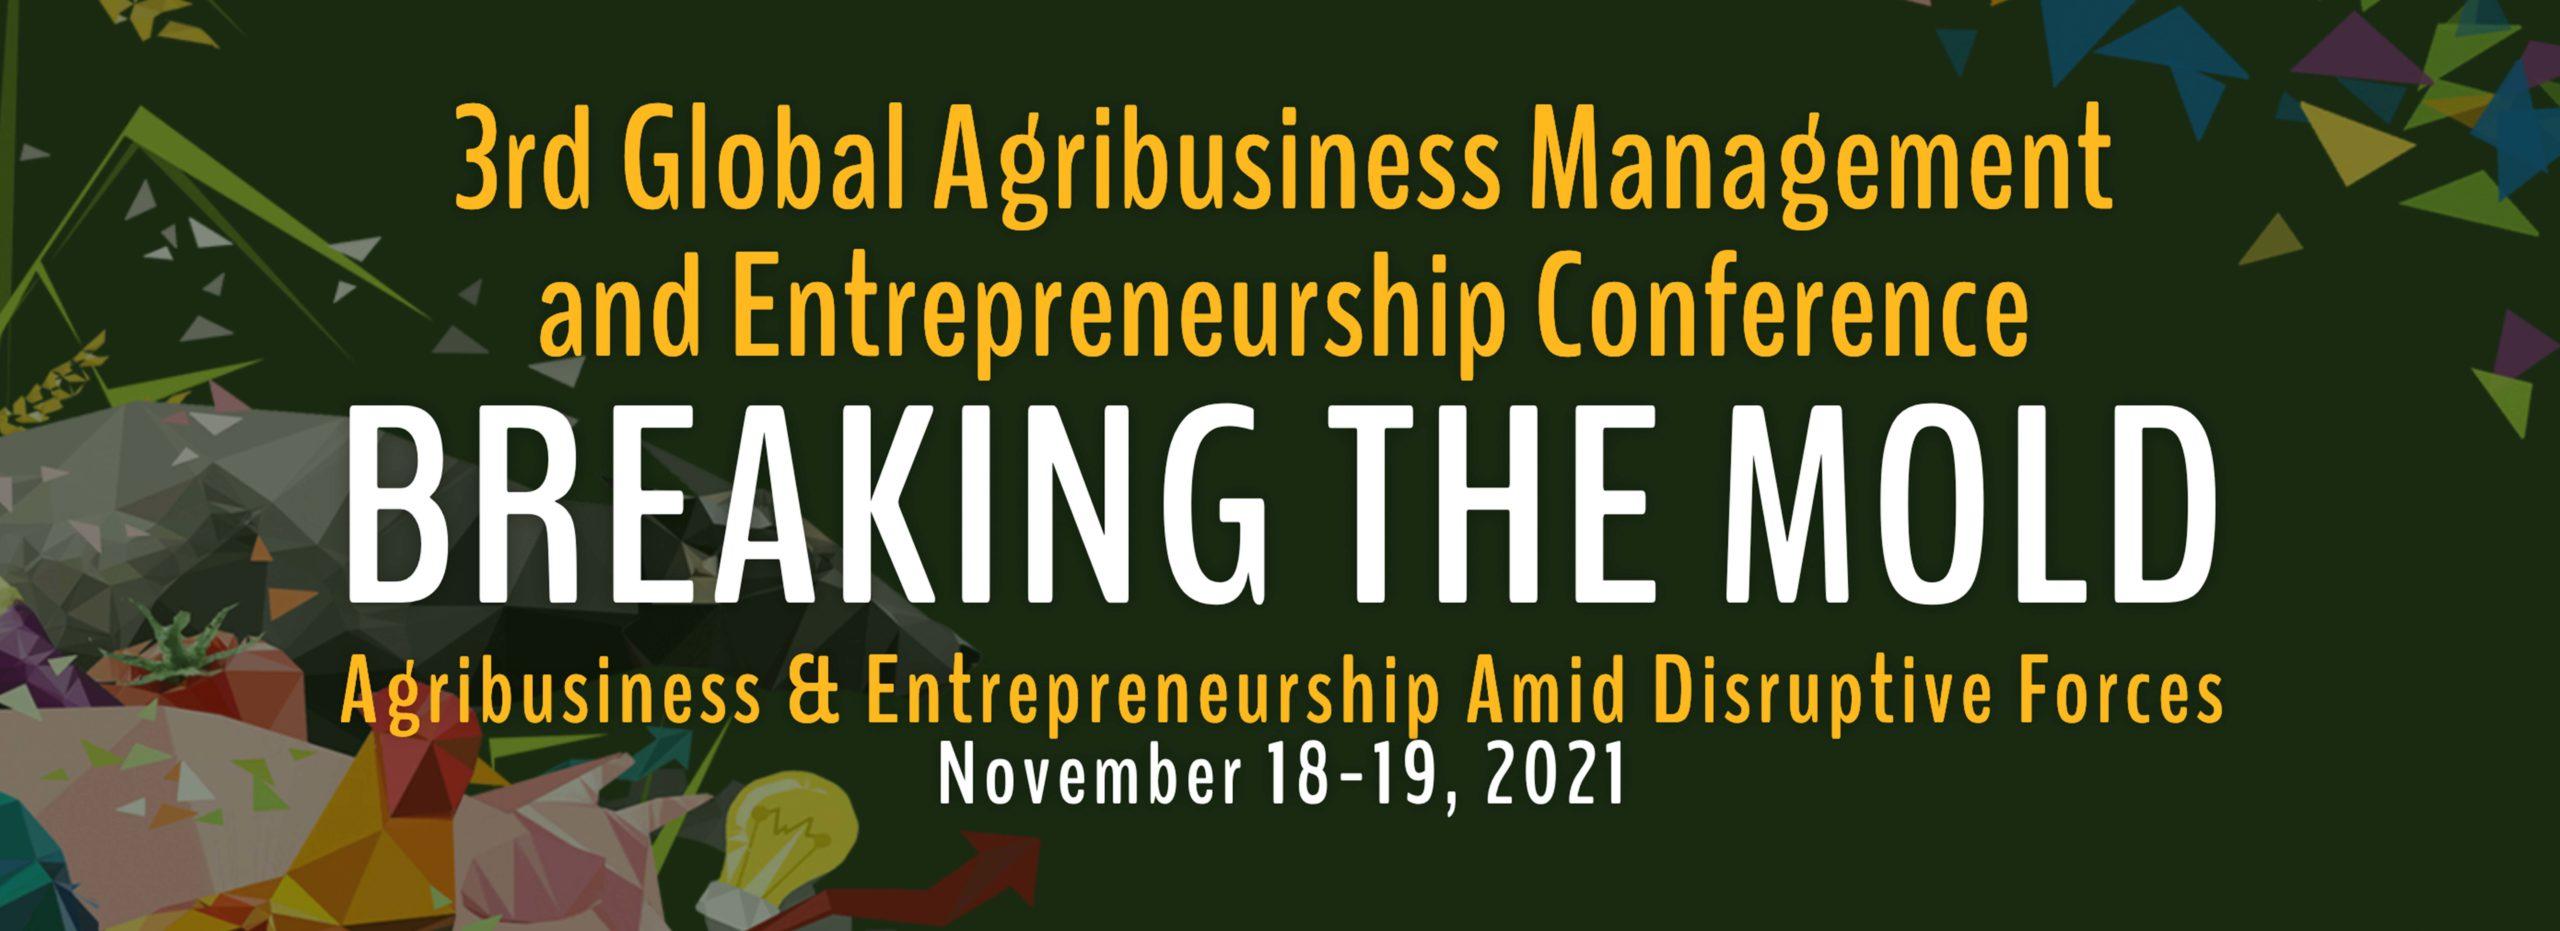 UPLB CEM's 3rd Global Agribusiness Management & Entrepreneurship Conference (GAME 2021)